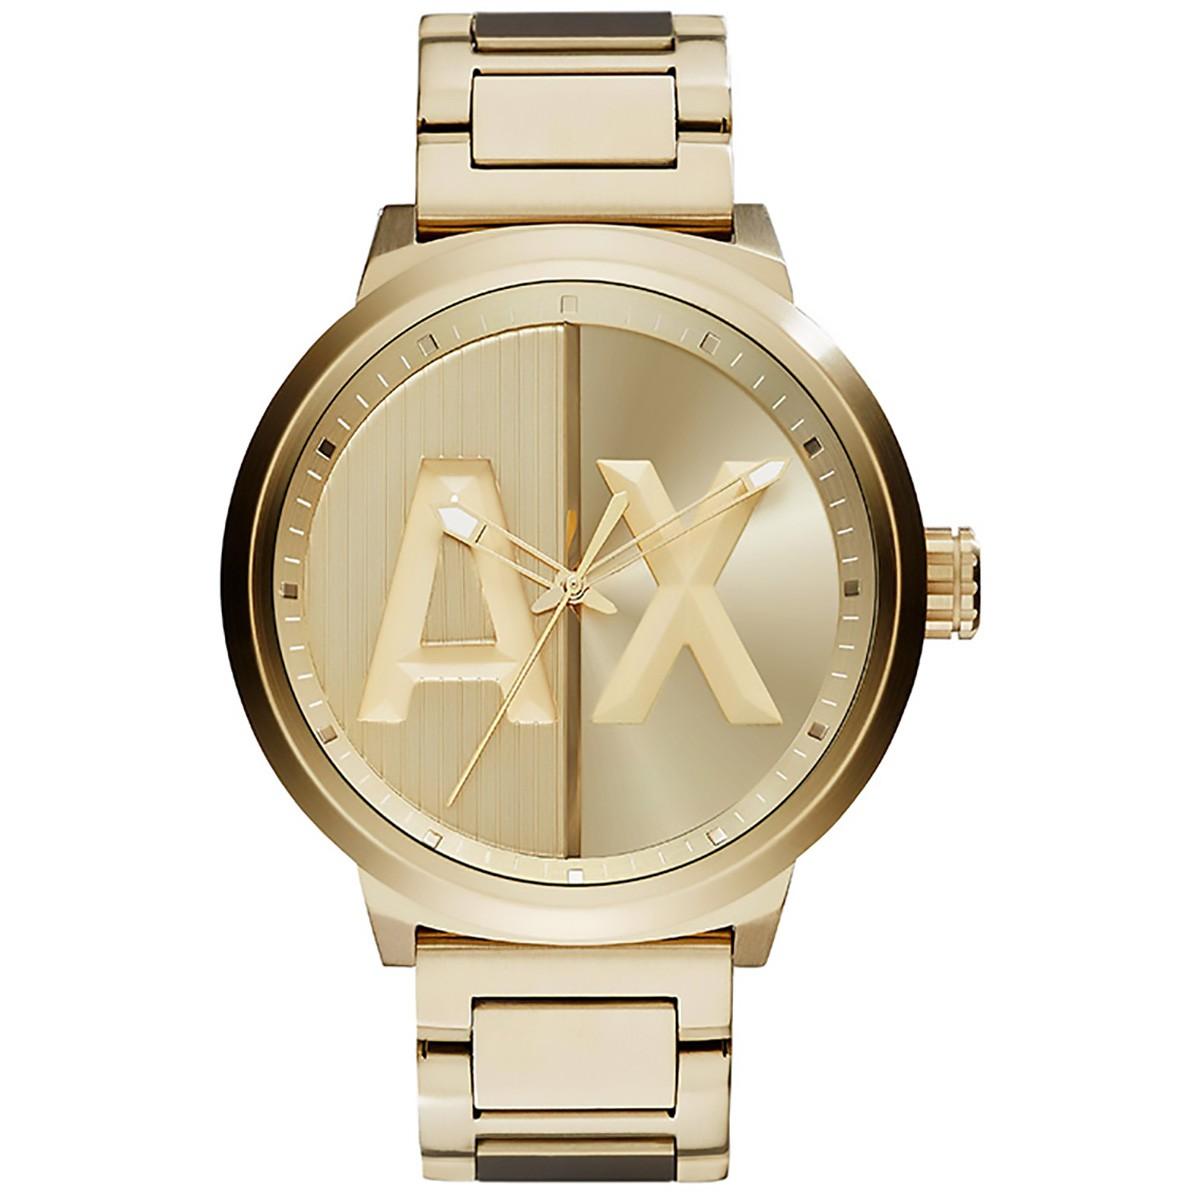 71d8bc4aba779 Compre Relógio Armani Exchange em 10X   Tri-Jóia Shop